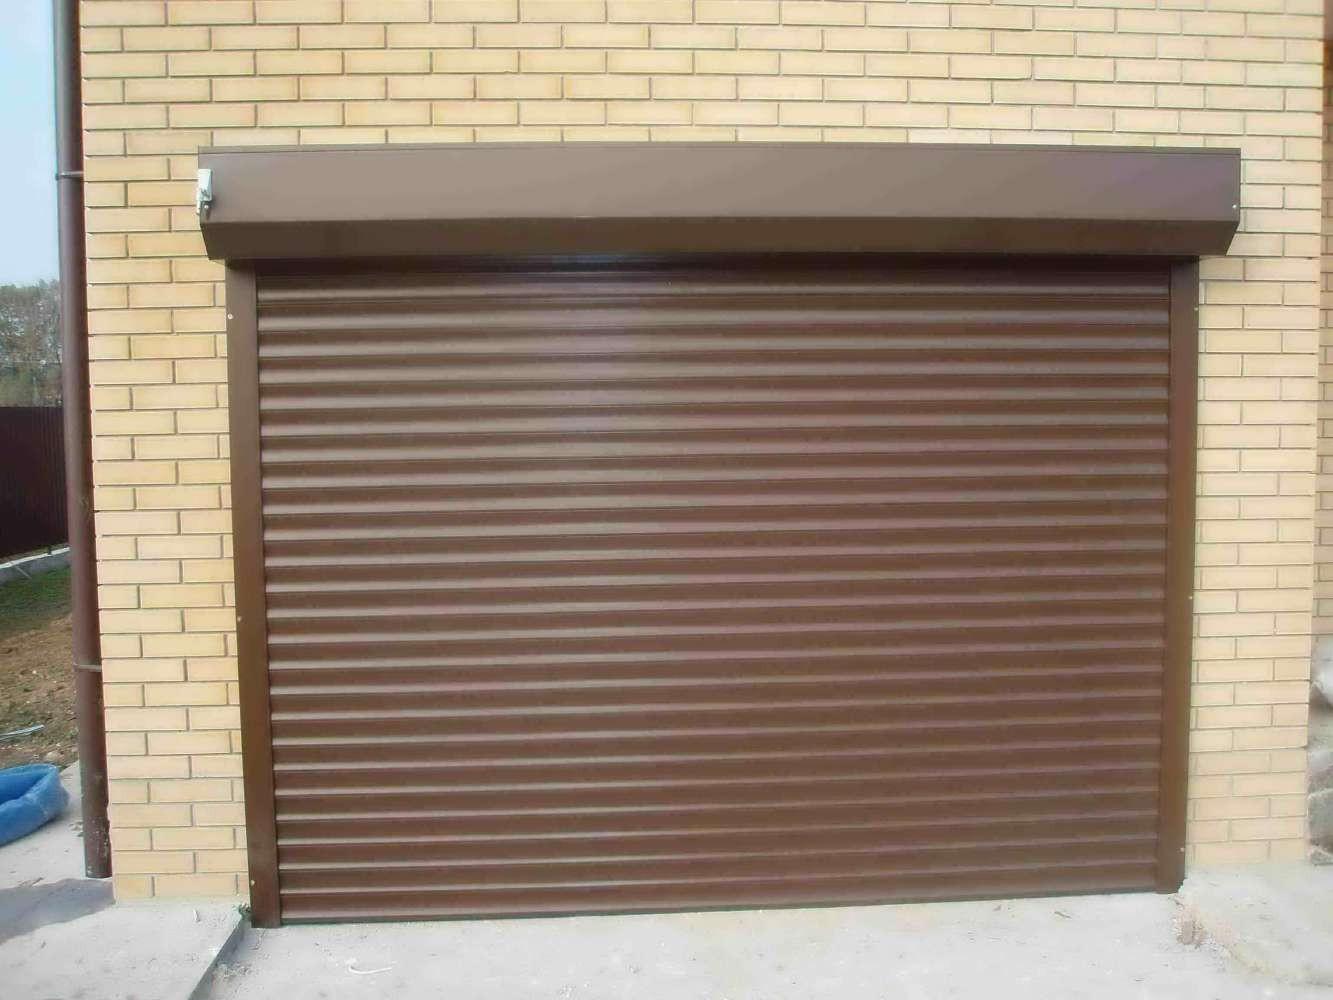 Установка подъемных ворот для гаража в Москве монтаж, оборудования, заказать, инструкция, купить, обзор, стоимость, схема, цена